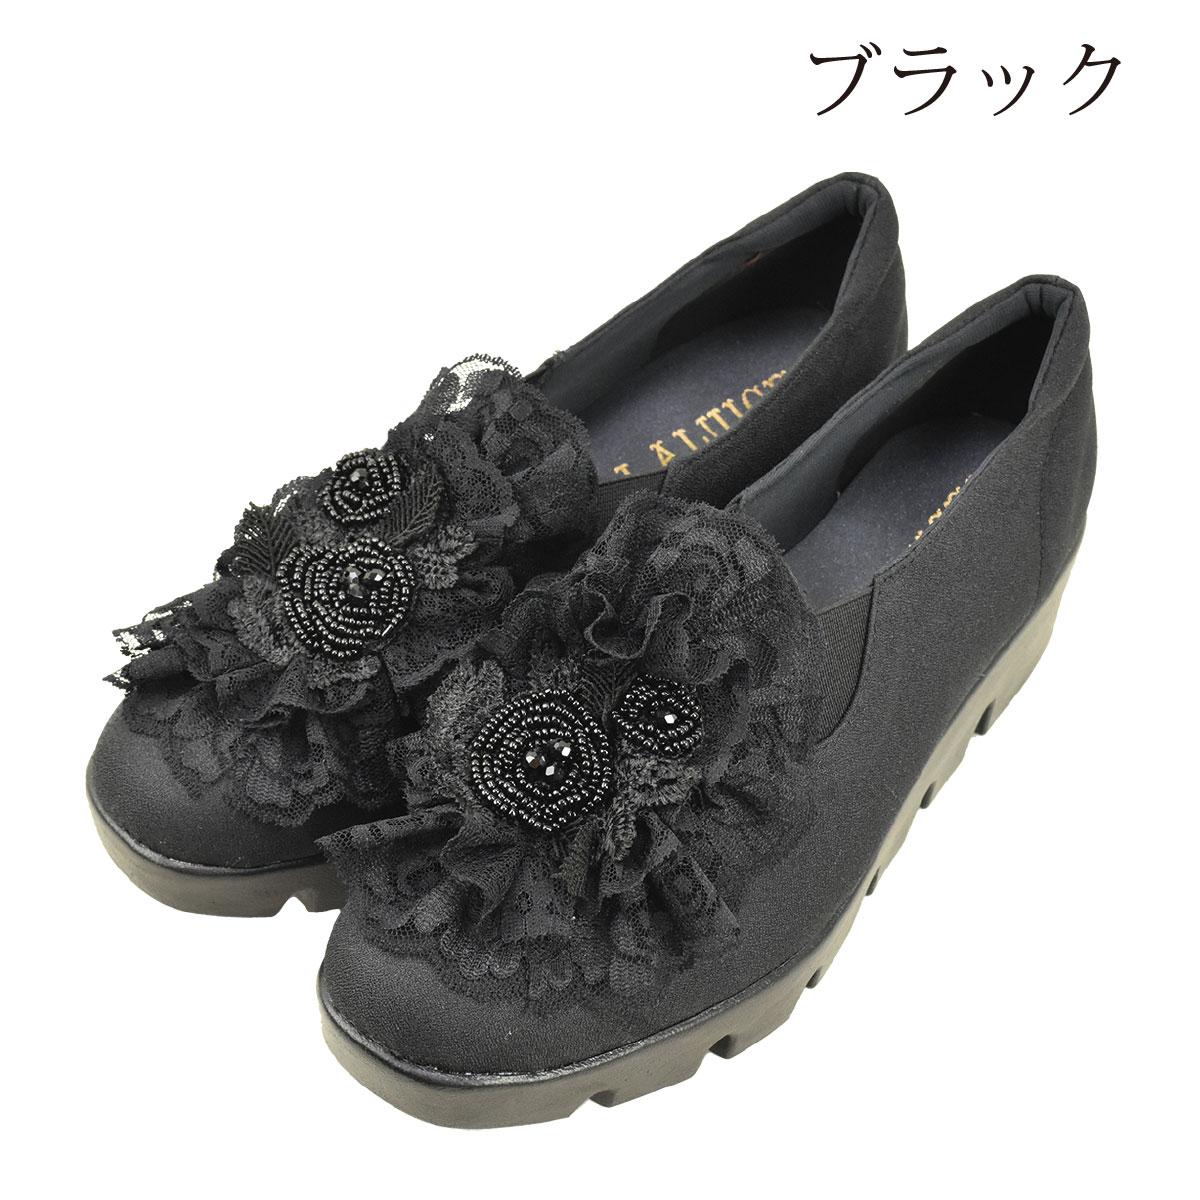 送料無料 疲れない婦人靴 レディース おしゃれ ビーズフラワーシューズ 太ヒール リボン 日本製